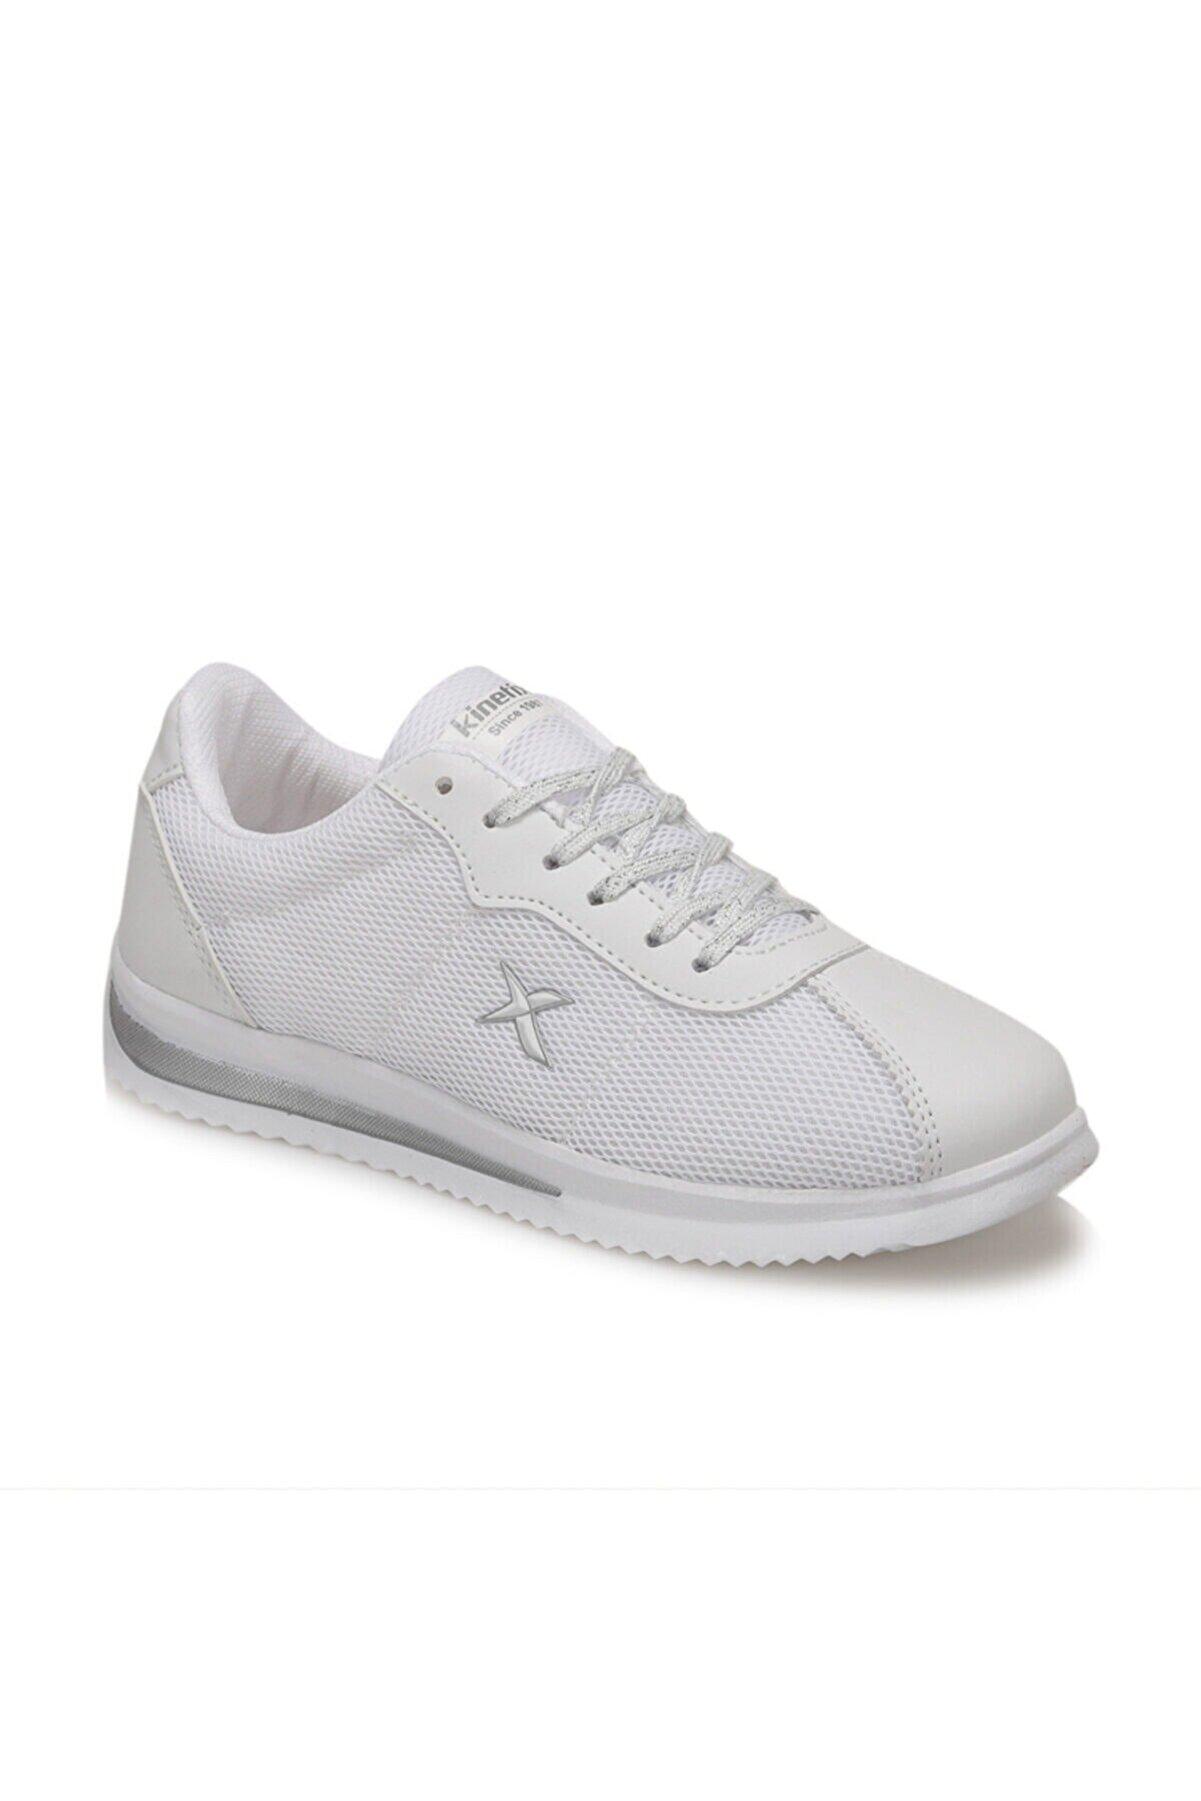 Kinetix HONOR Beyaz Kadın Sneaker Ayakkabı 100370388